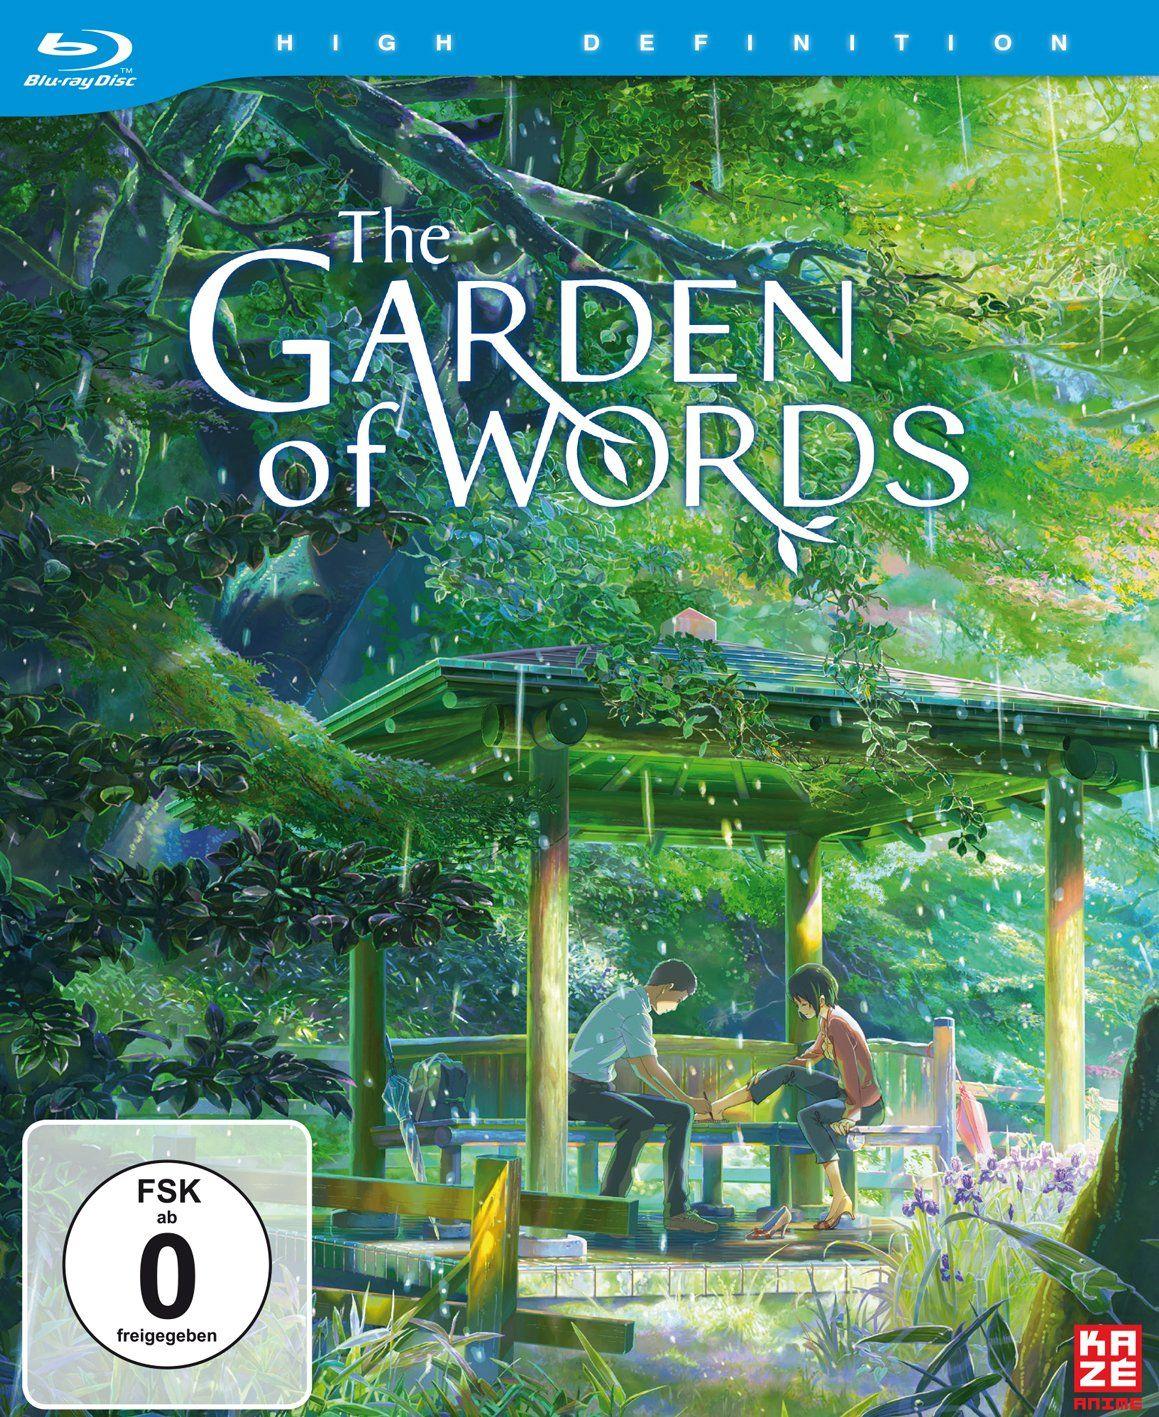 The Garden Of Words Limited Edition Blu Ray Alemania Limited Words Garden Edi Peliculas De Animacion Jardin De Las Palabras Mejores Peliculas De Anime